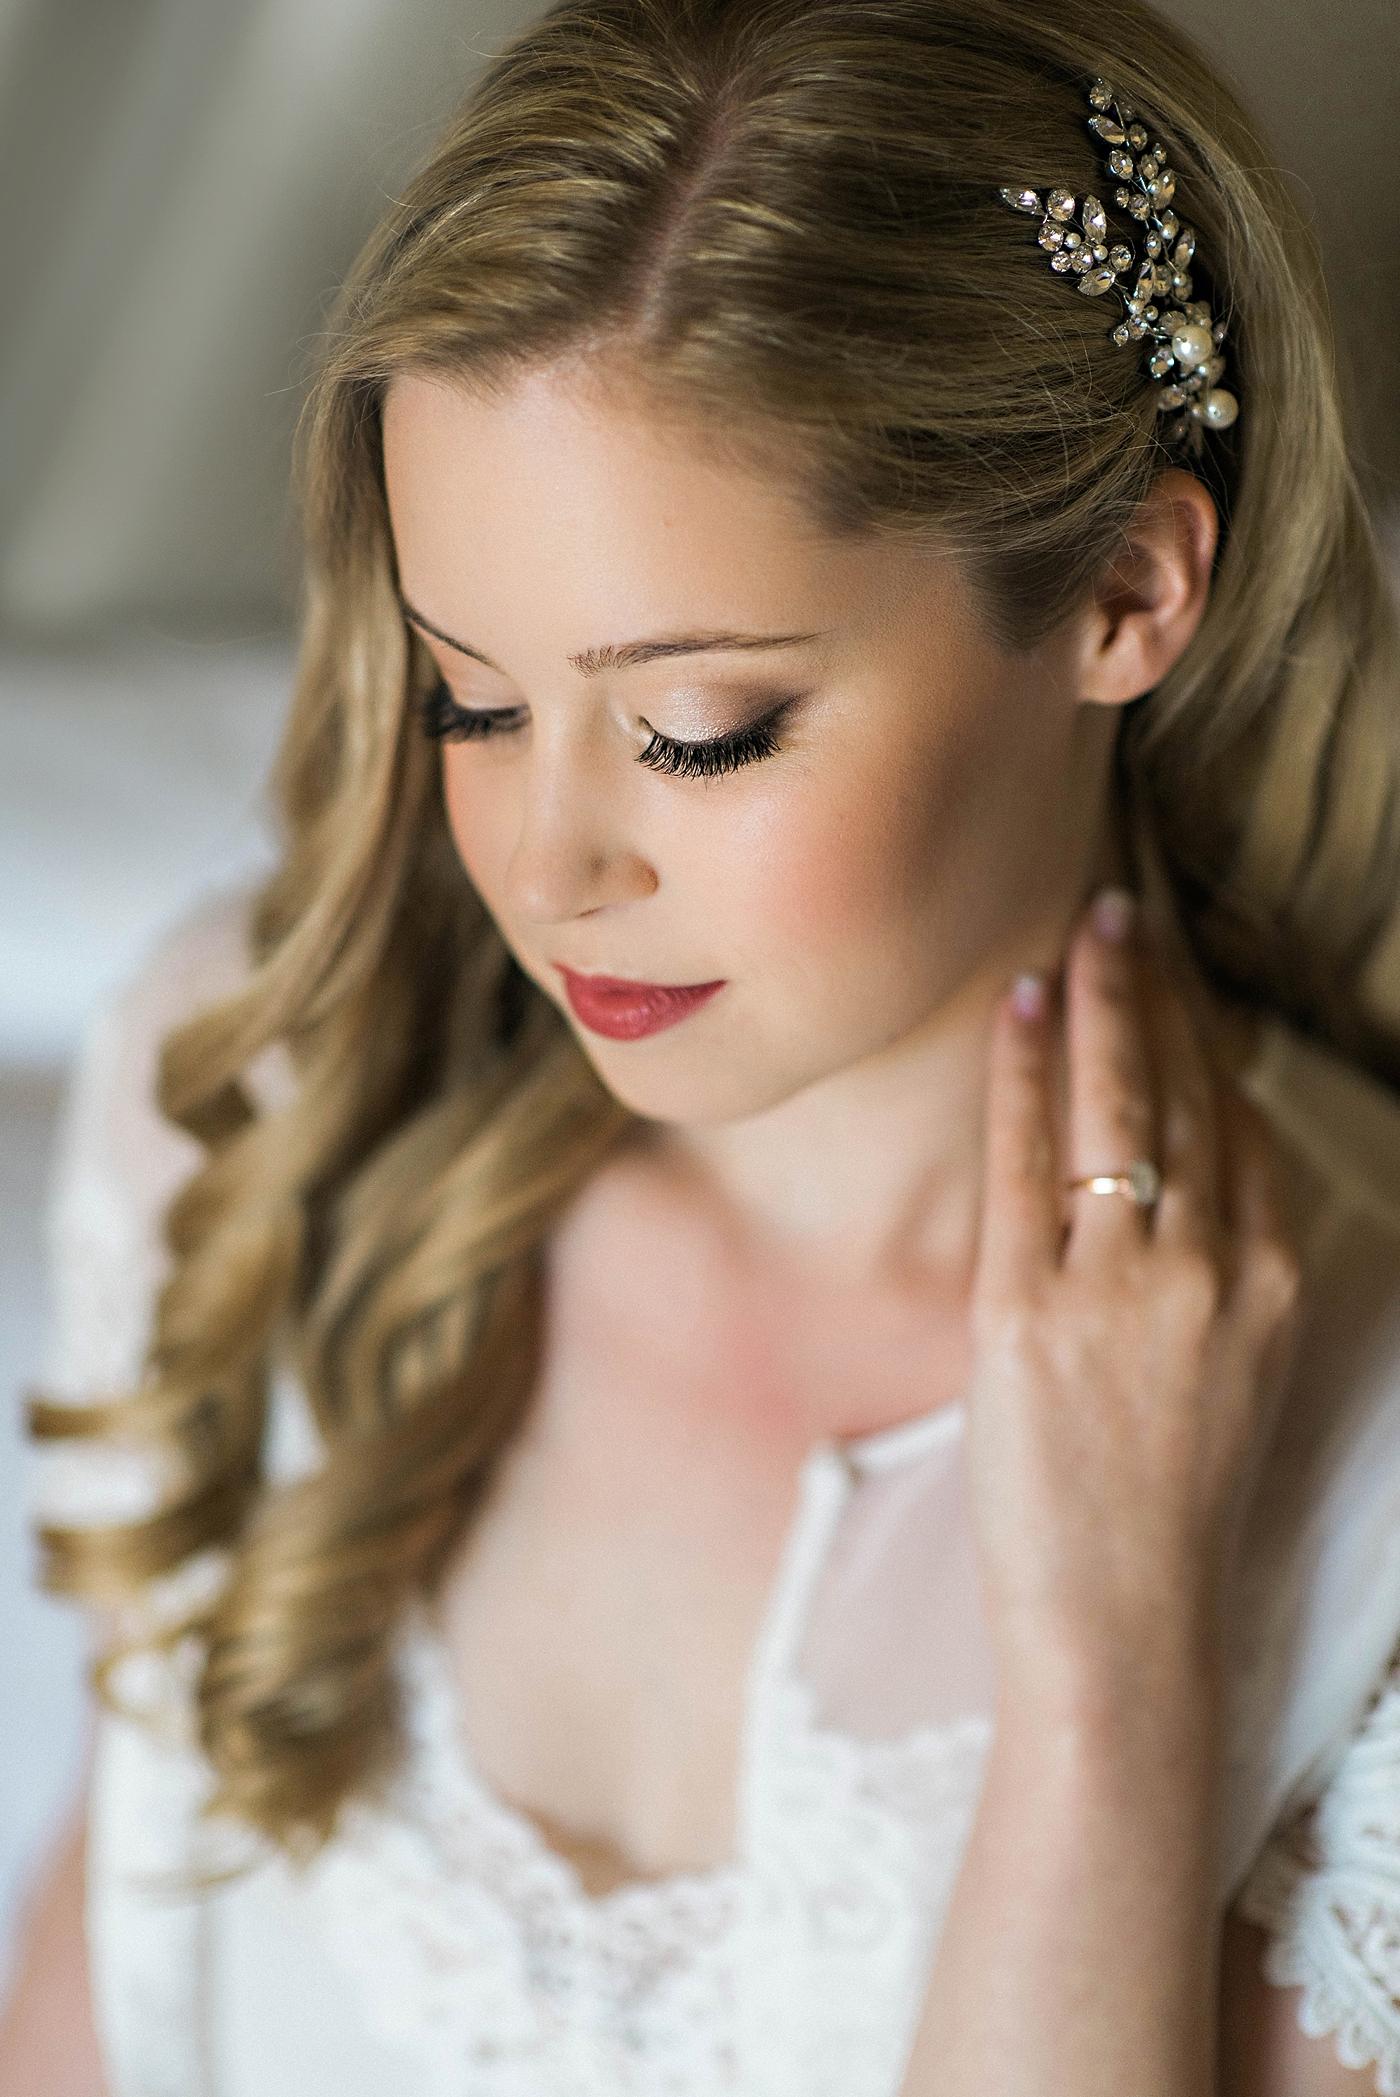 Halifax-Wedding-Photographer-New Brunswick Wedding- Nicolle & Ethan15.jpeg